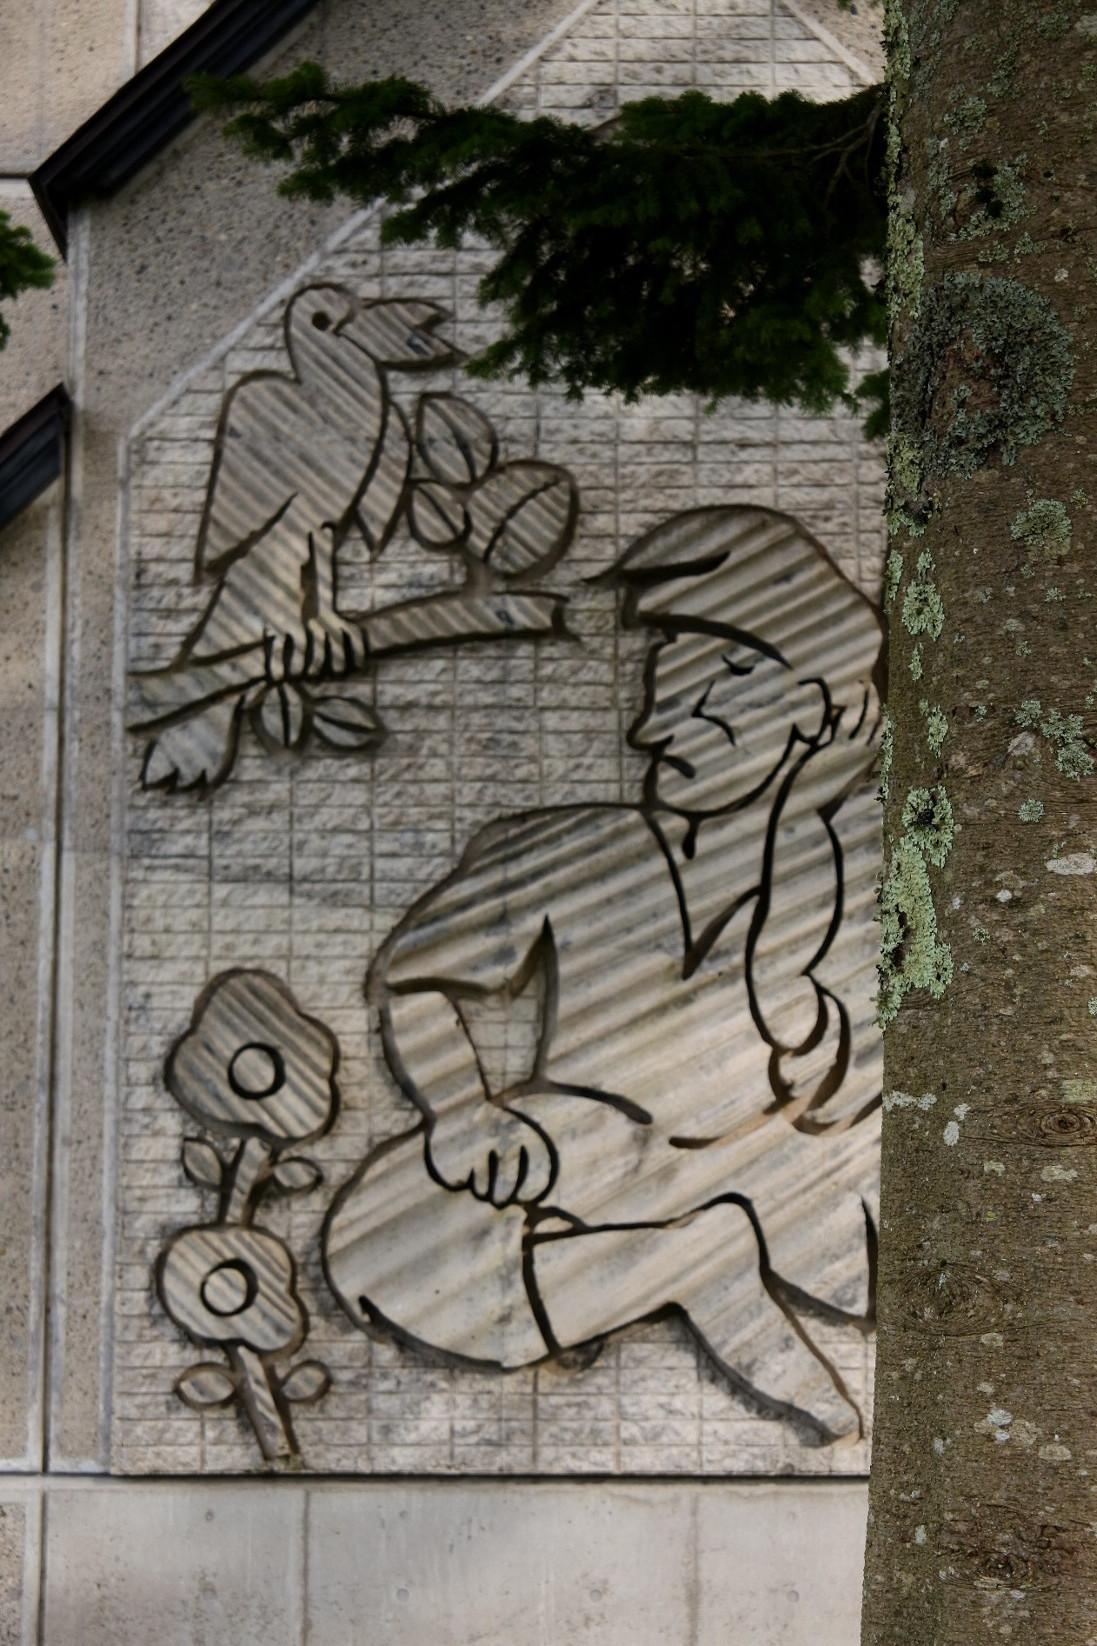 長野そぞろ歩き・信濃町:黒姫童話館(1)_f0049074_06465291.jpg